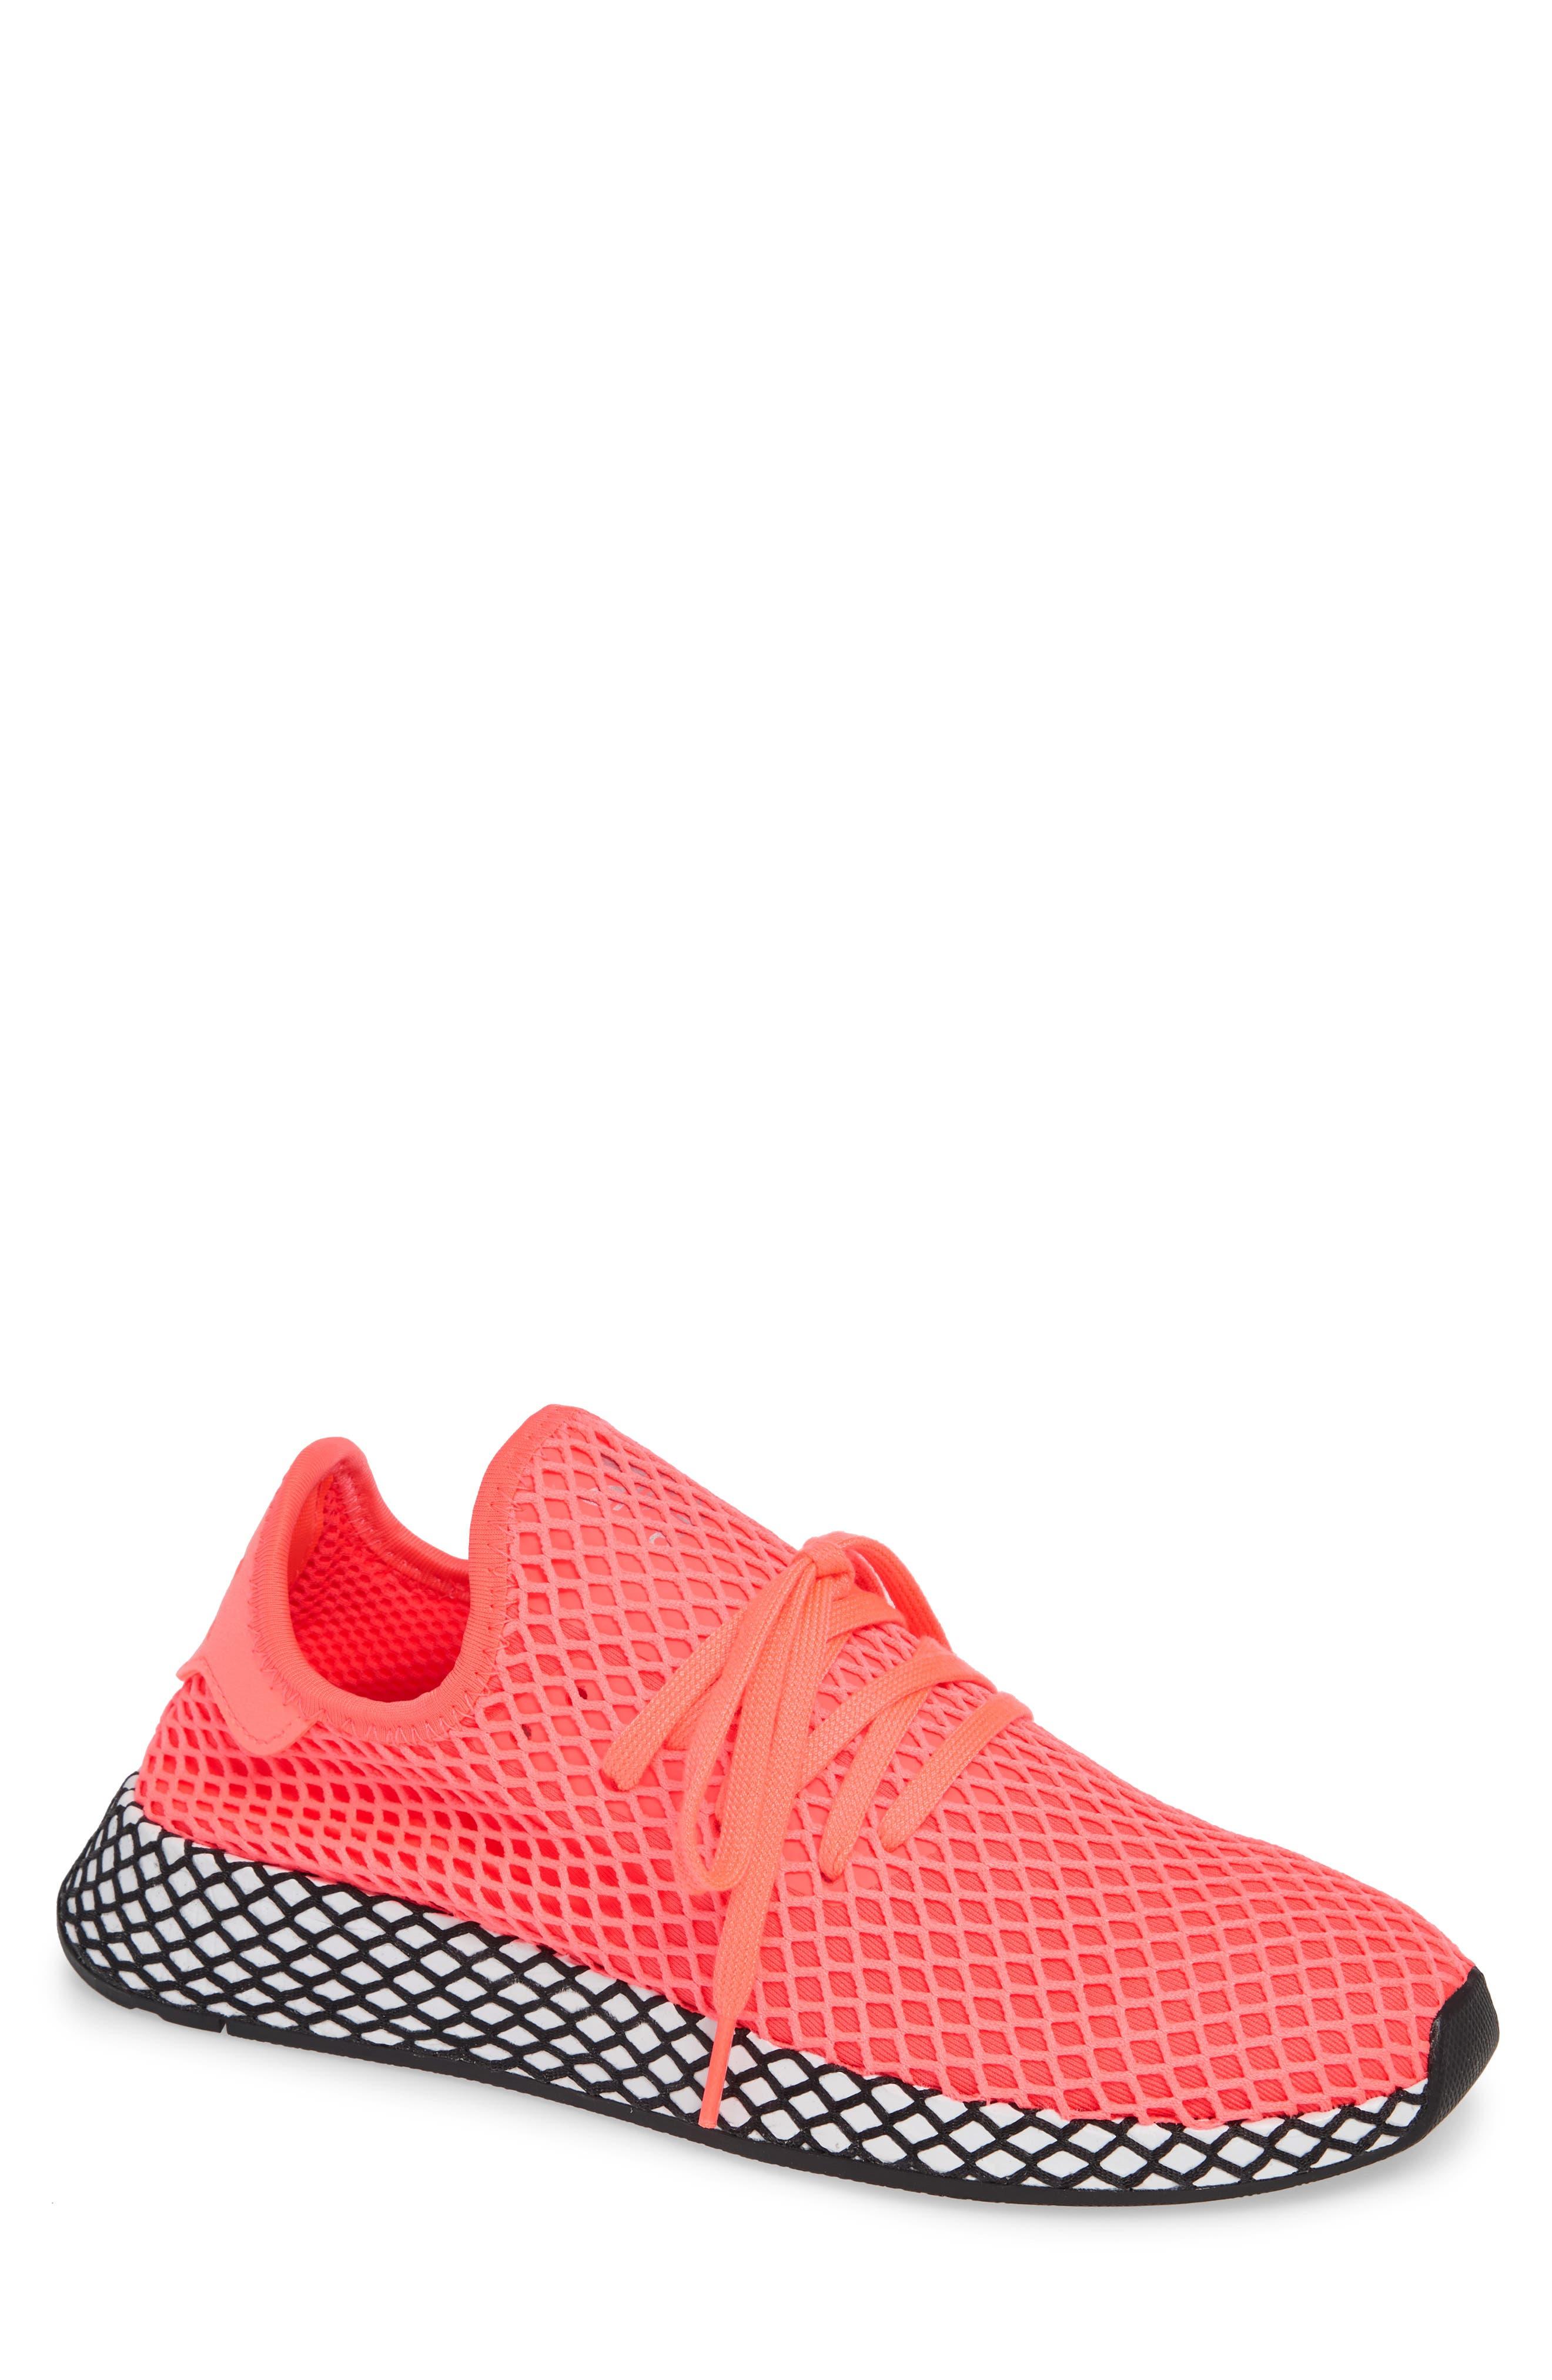 Deerupt Runner Sneaker,                             Main thumbnail 3, color,